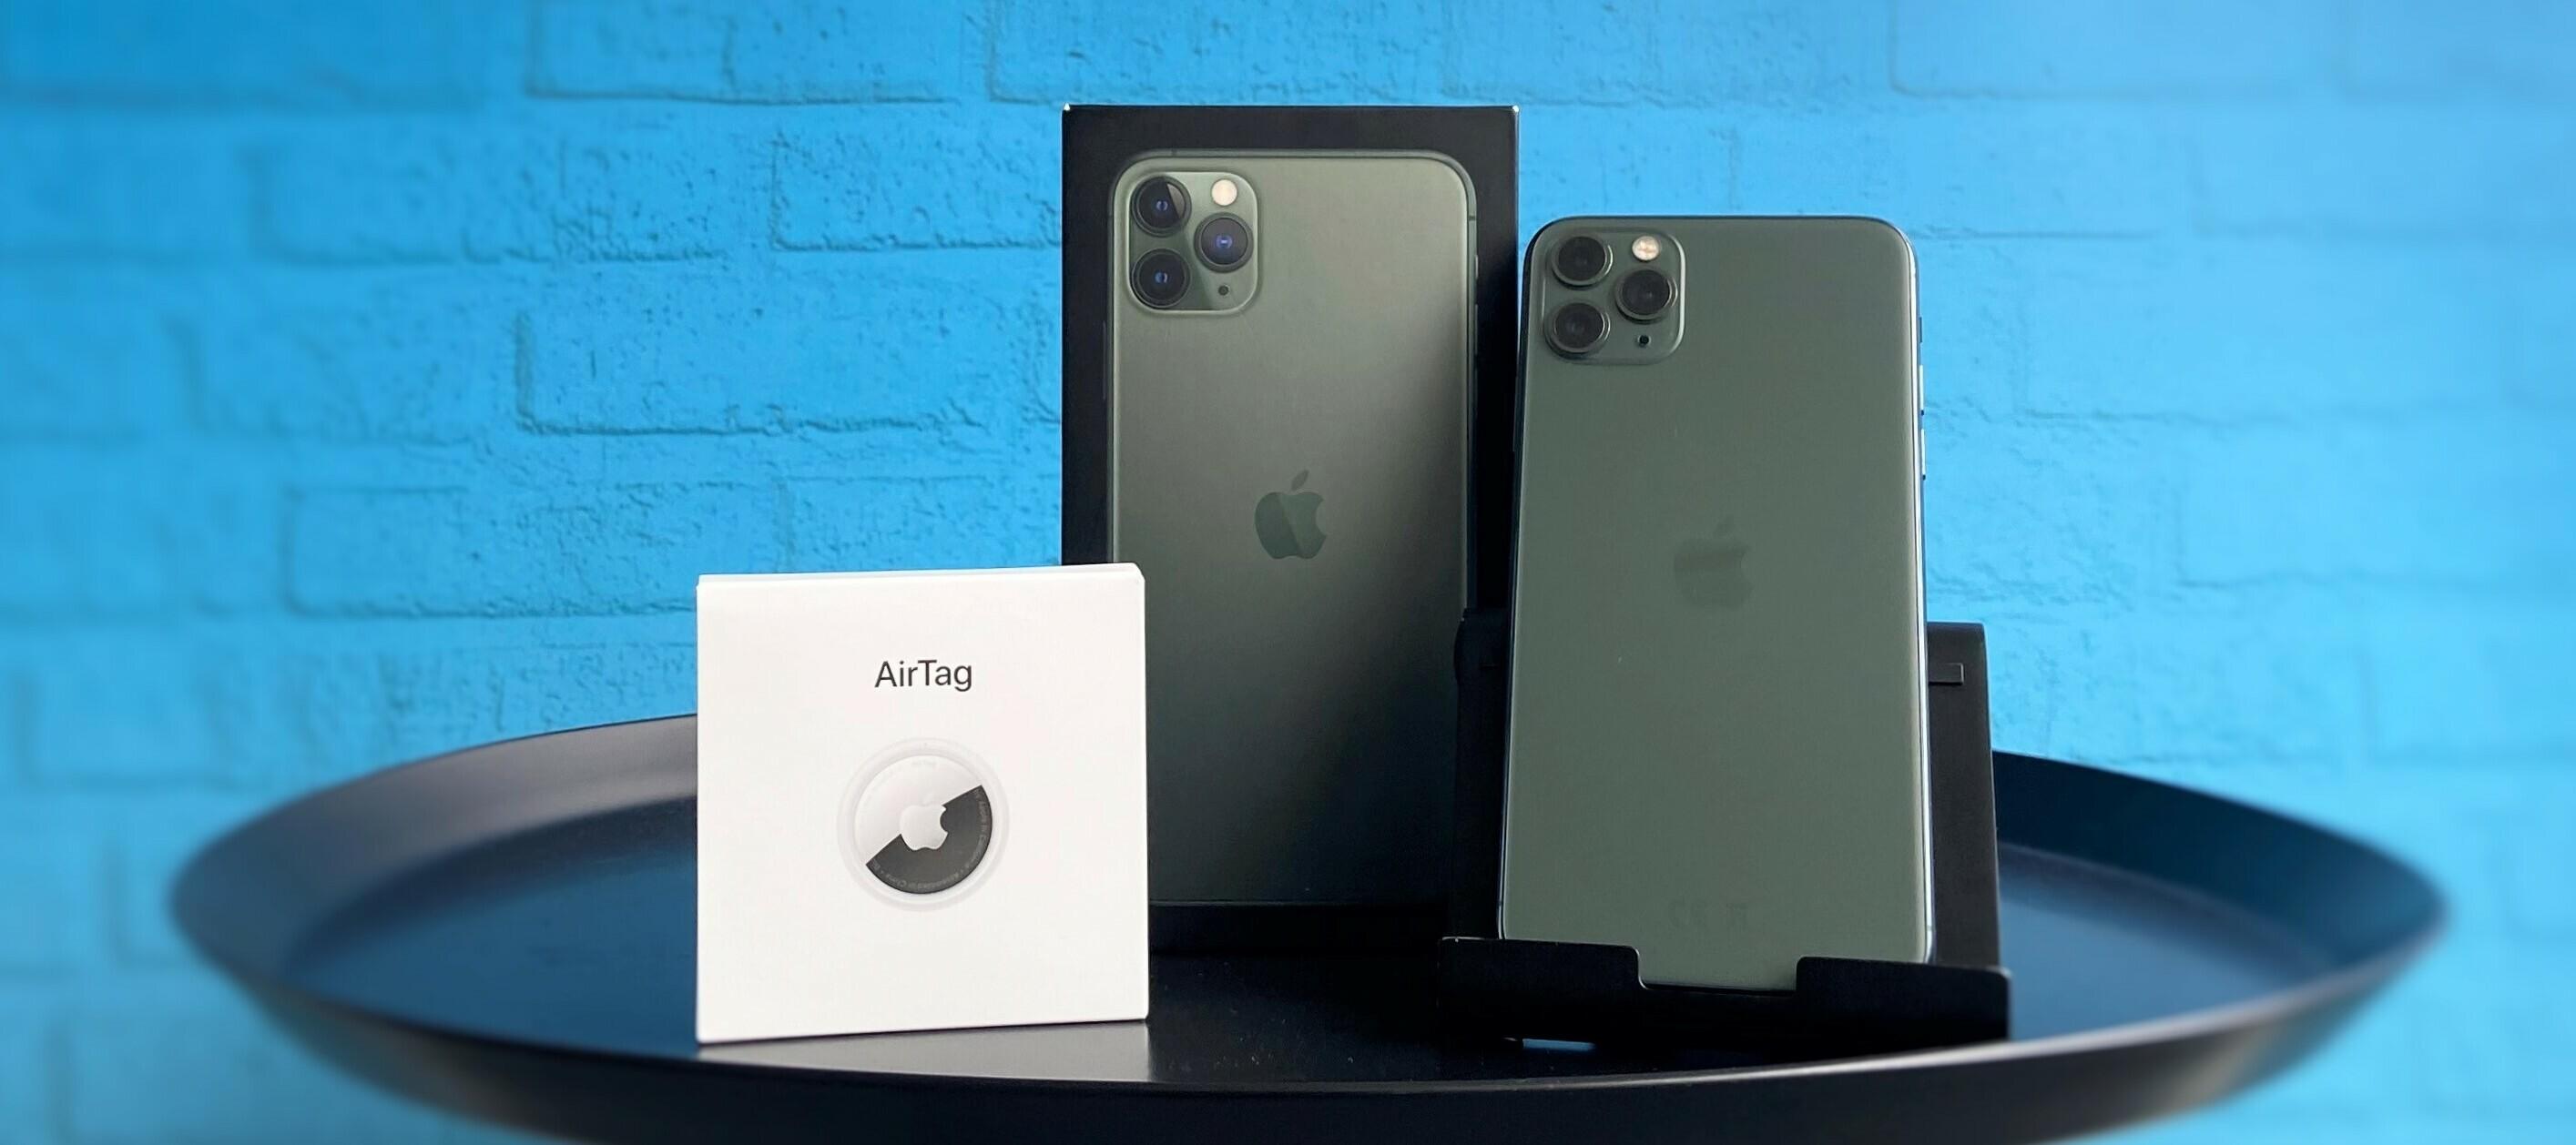 Verpasse nicht deine Chance das iPhone 11 Pro Max + Apple Air Tag kostenlos zu testen